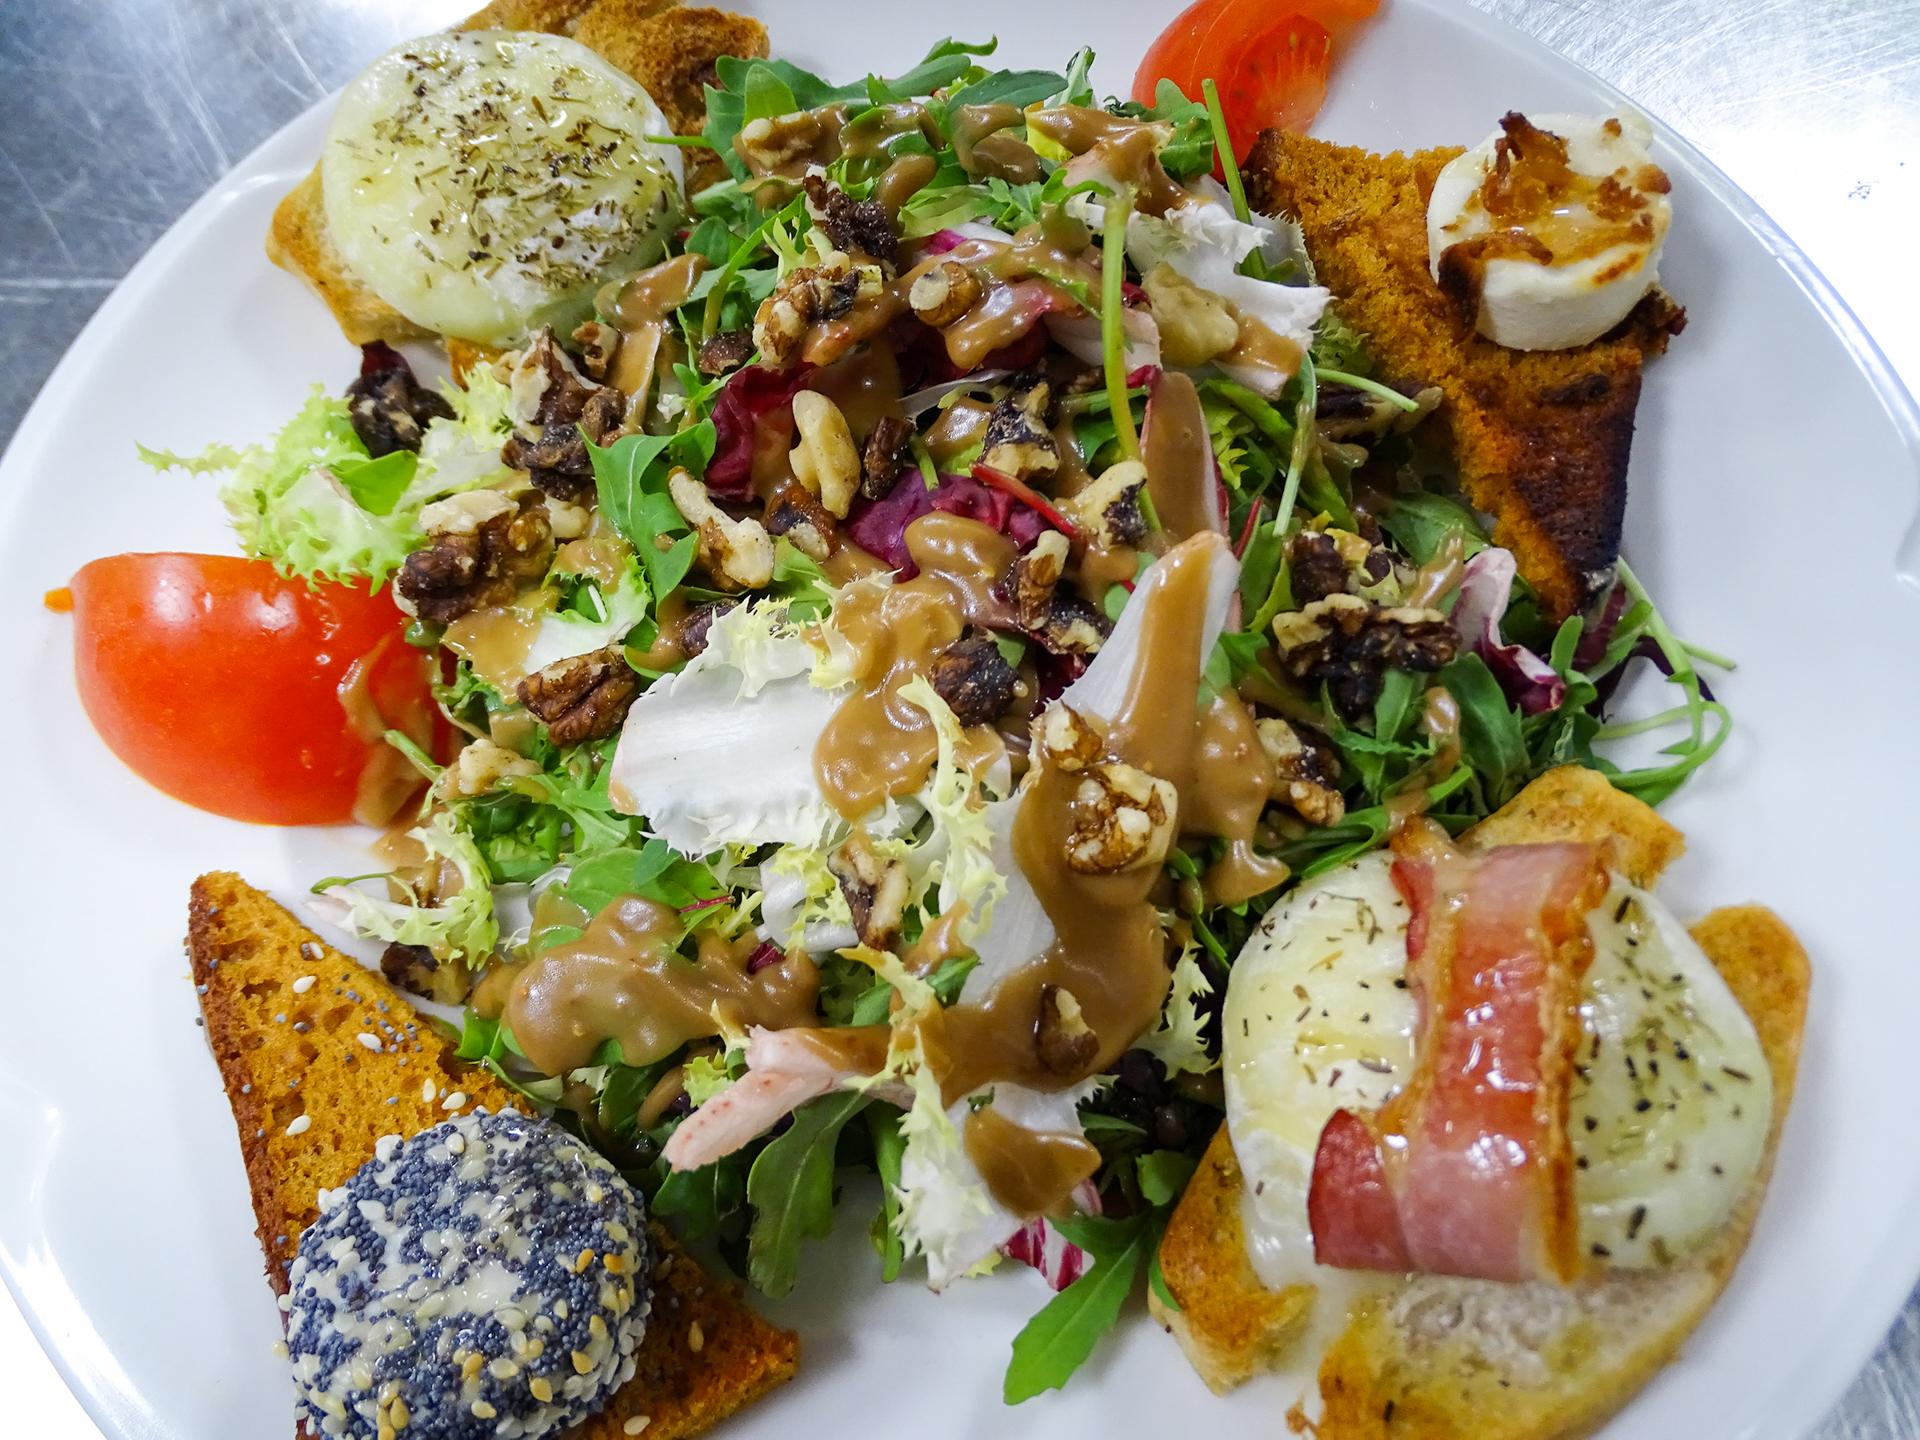 Salade de chèvre et noix